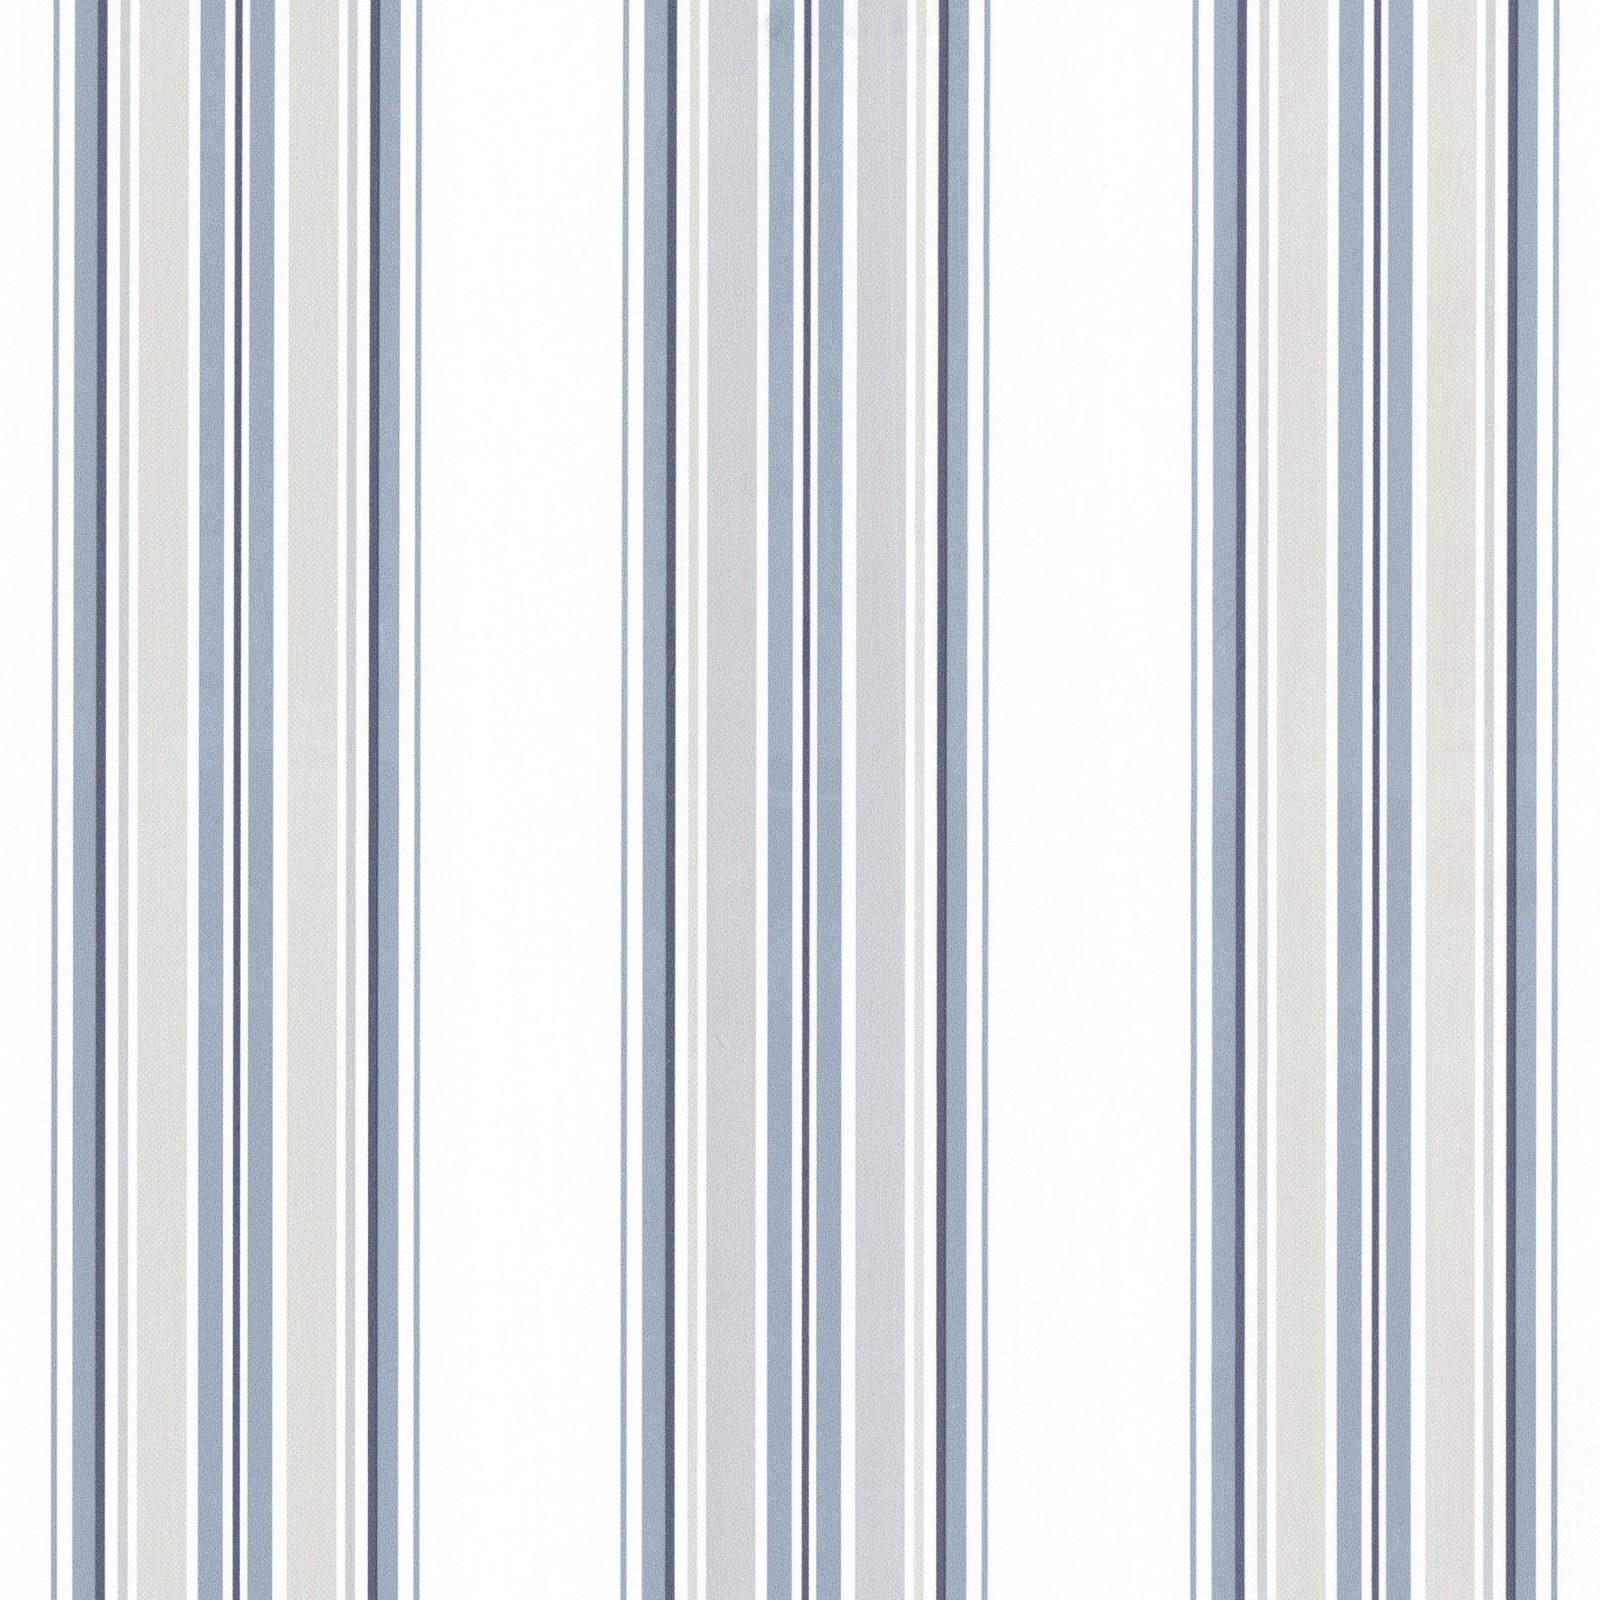 vliestapete streifen wei blau grau tapeten rasch textil. Black Bedroom Furniture Sets. Home Design Ideas